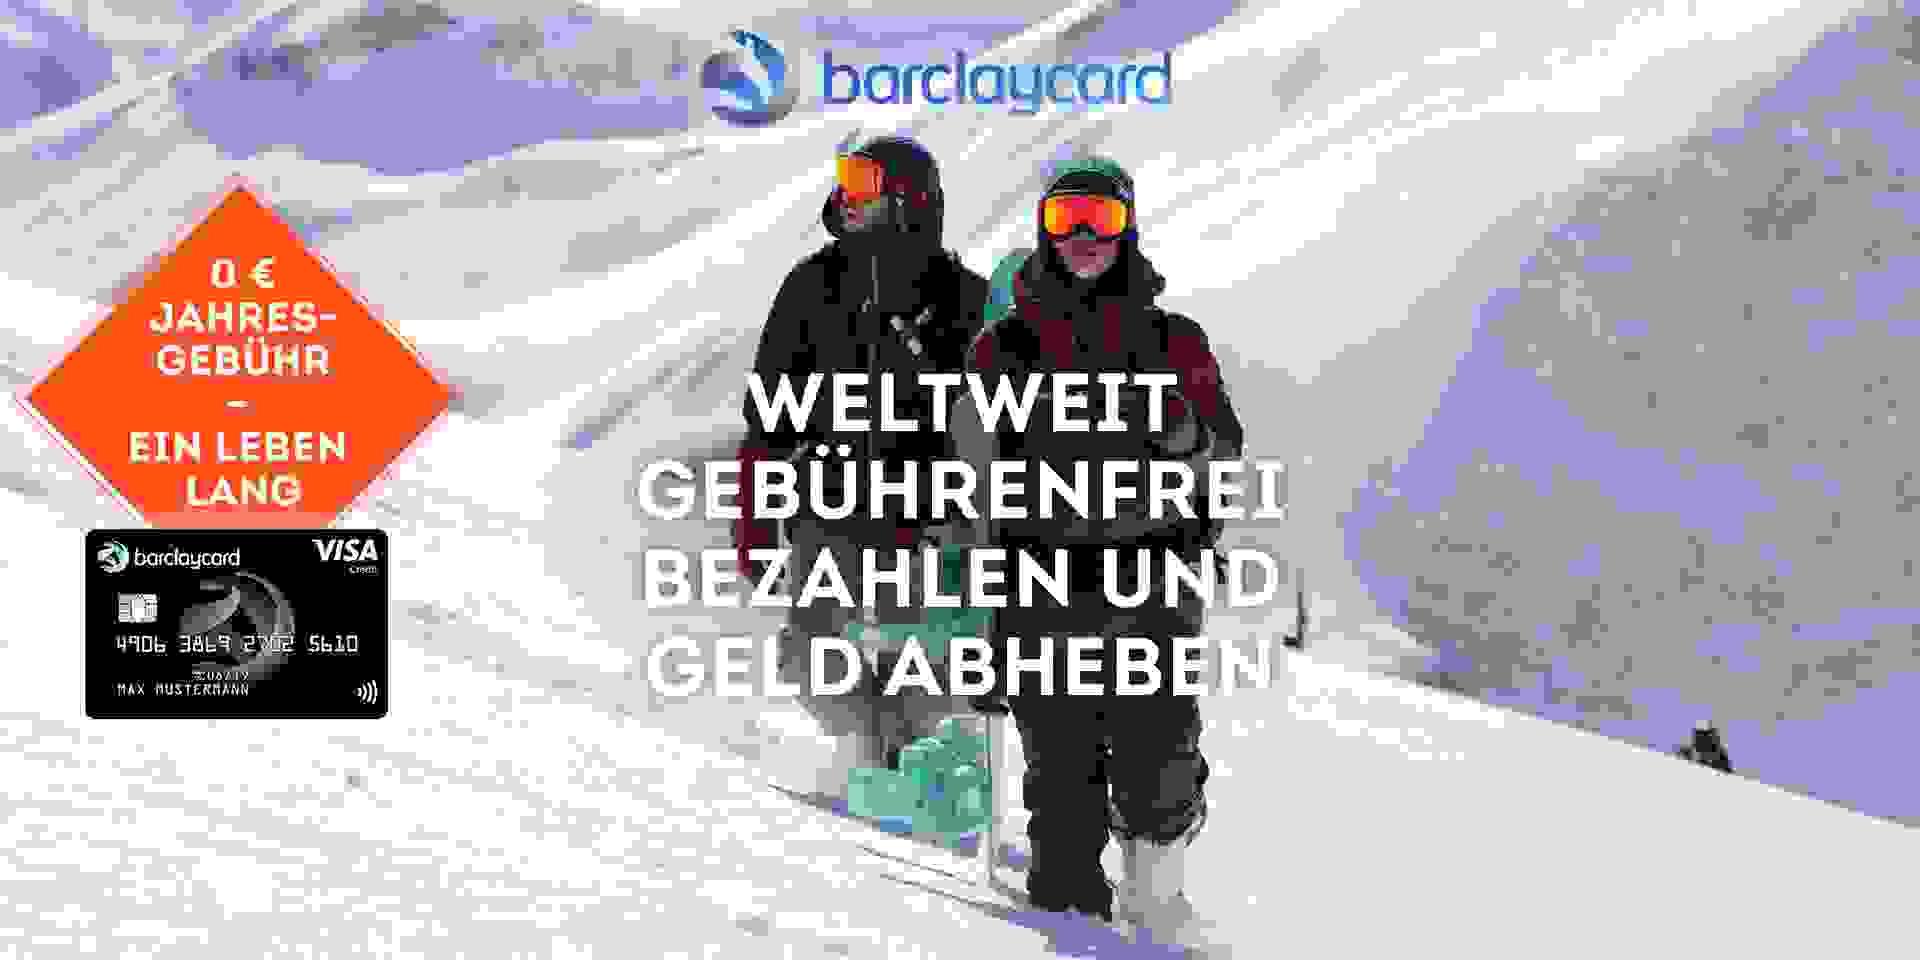 Barcleycard - weltweit gebührenfrei bezahlen und Geld abheben